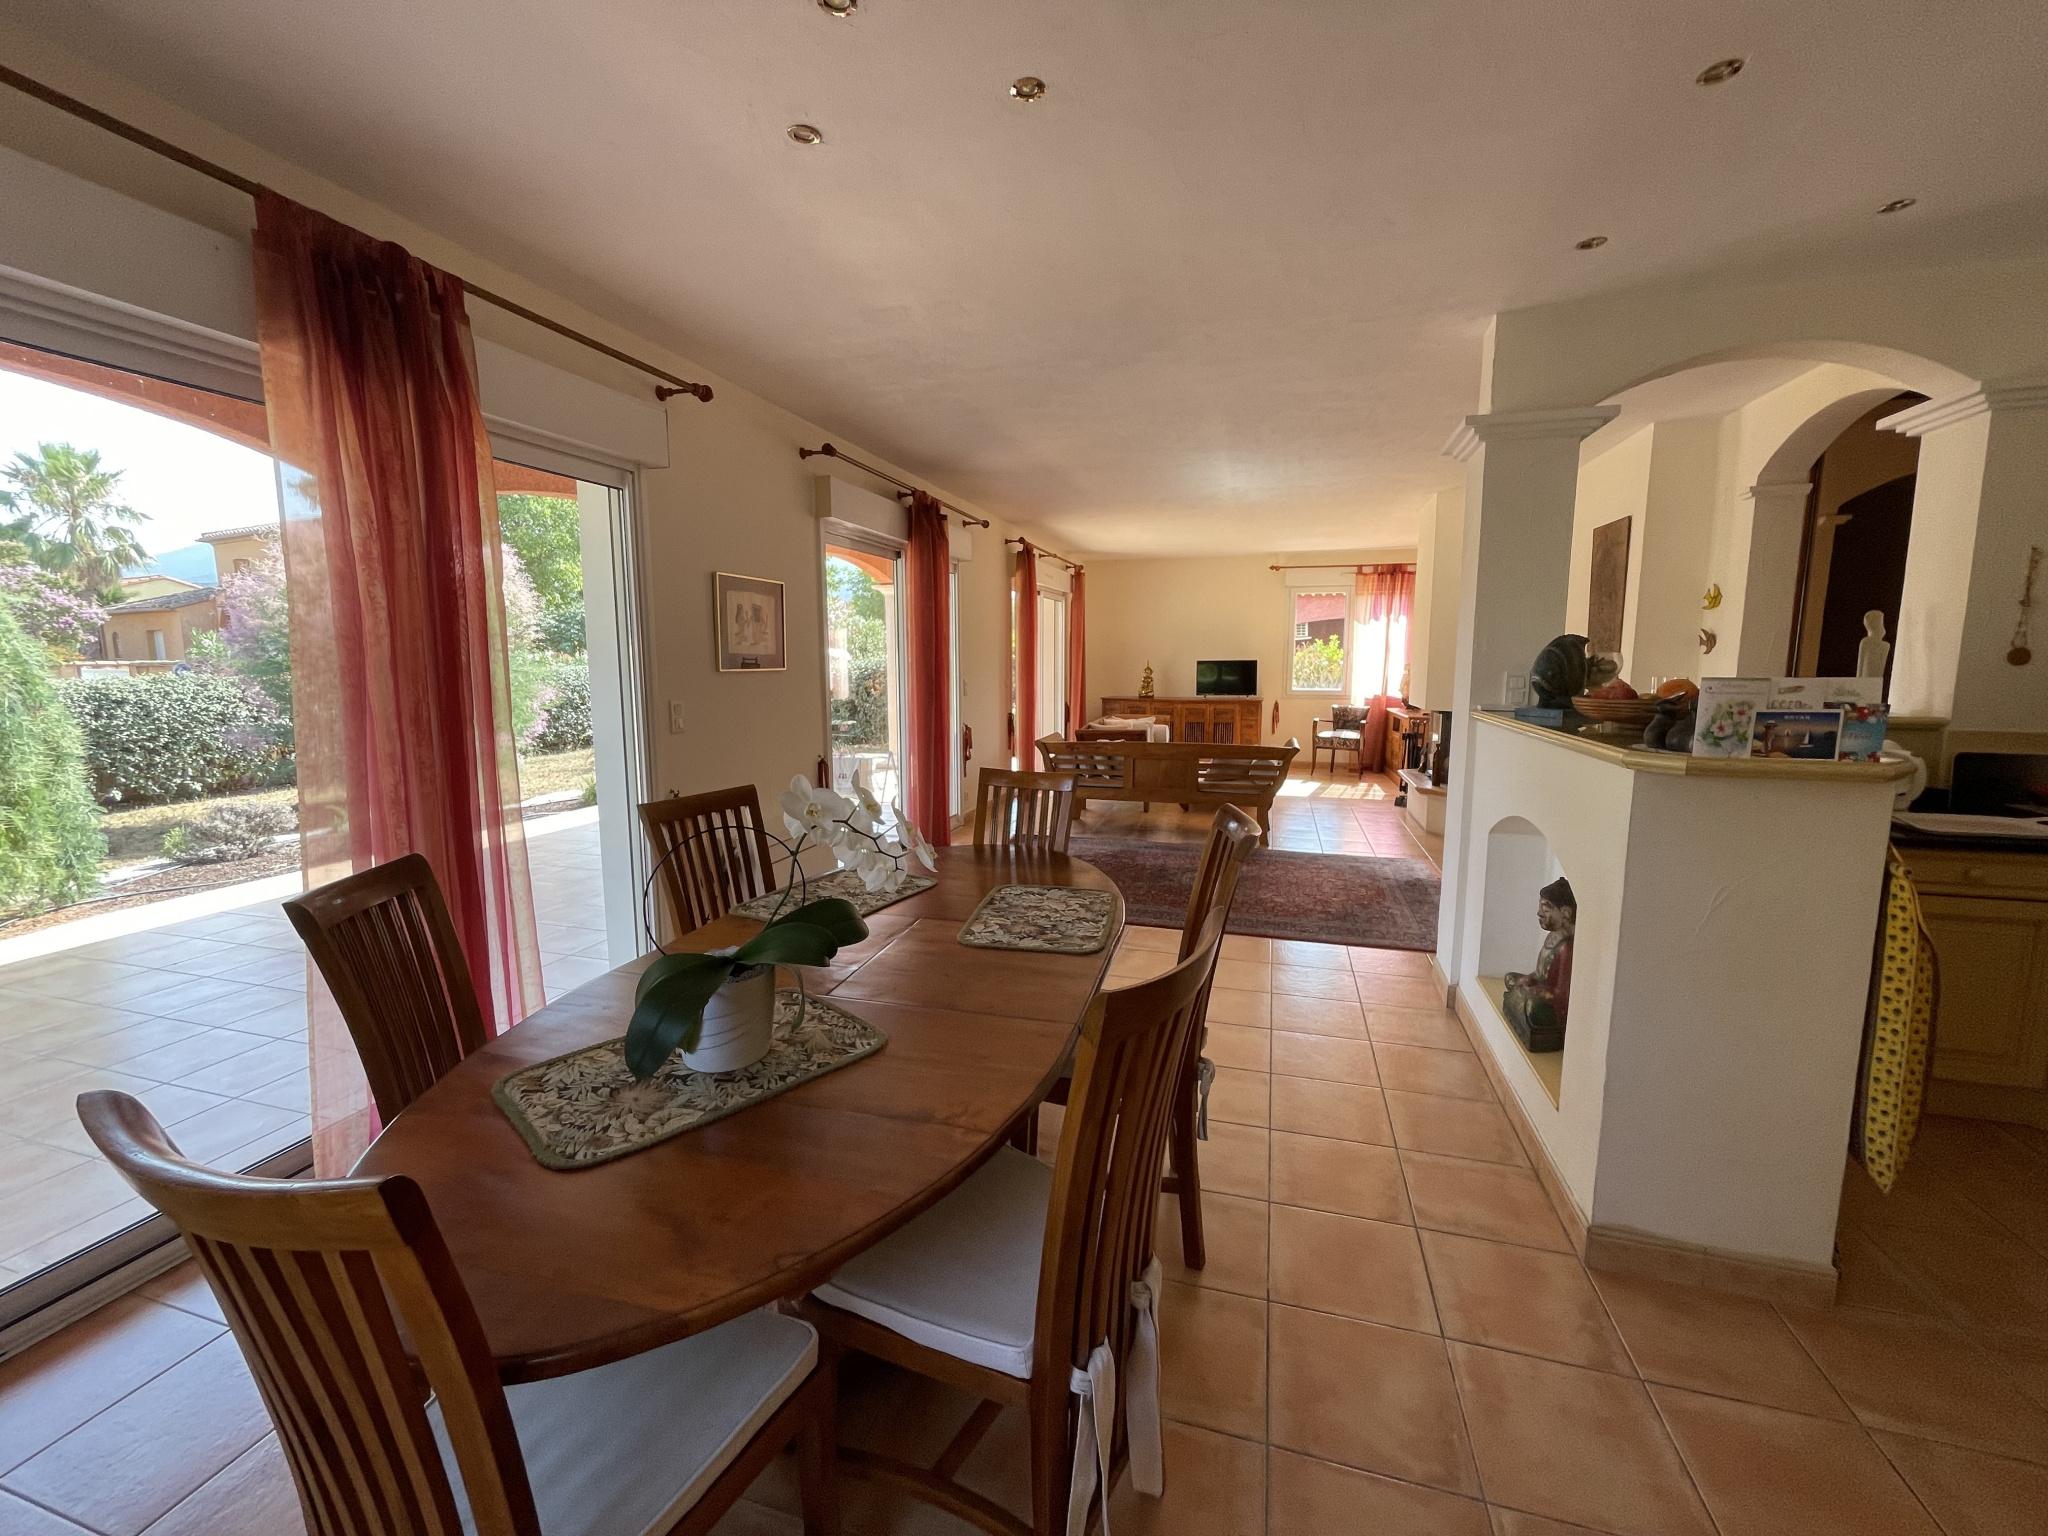 À vendre maison/villa de 124m2 à argeles sur mer (66700) - Photo 3'